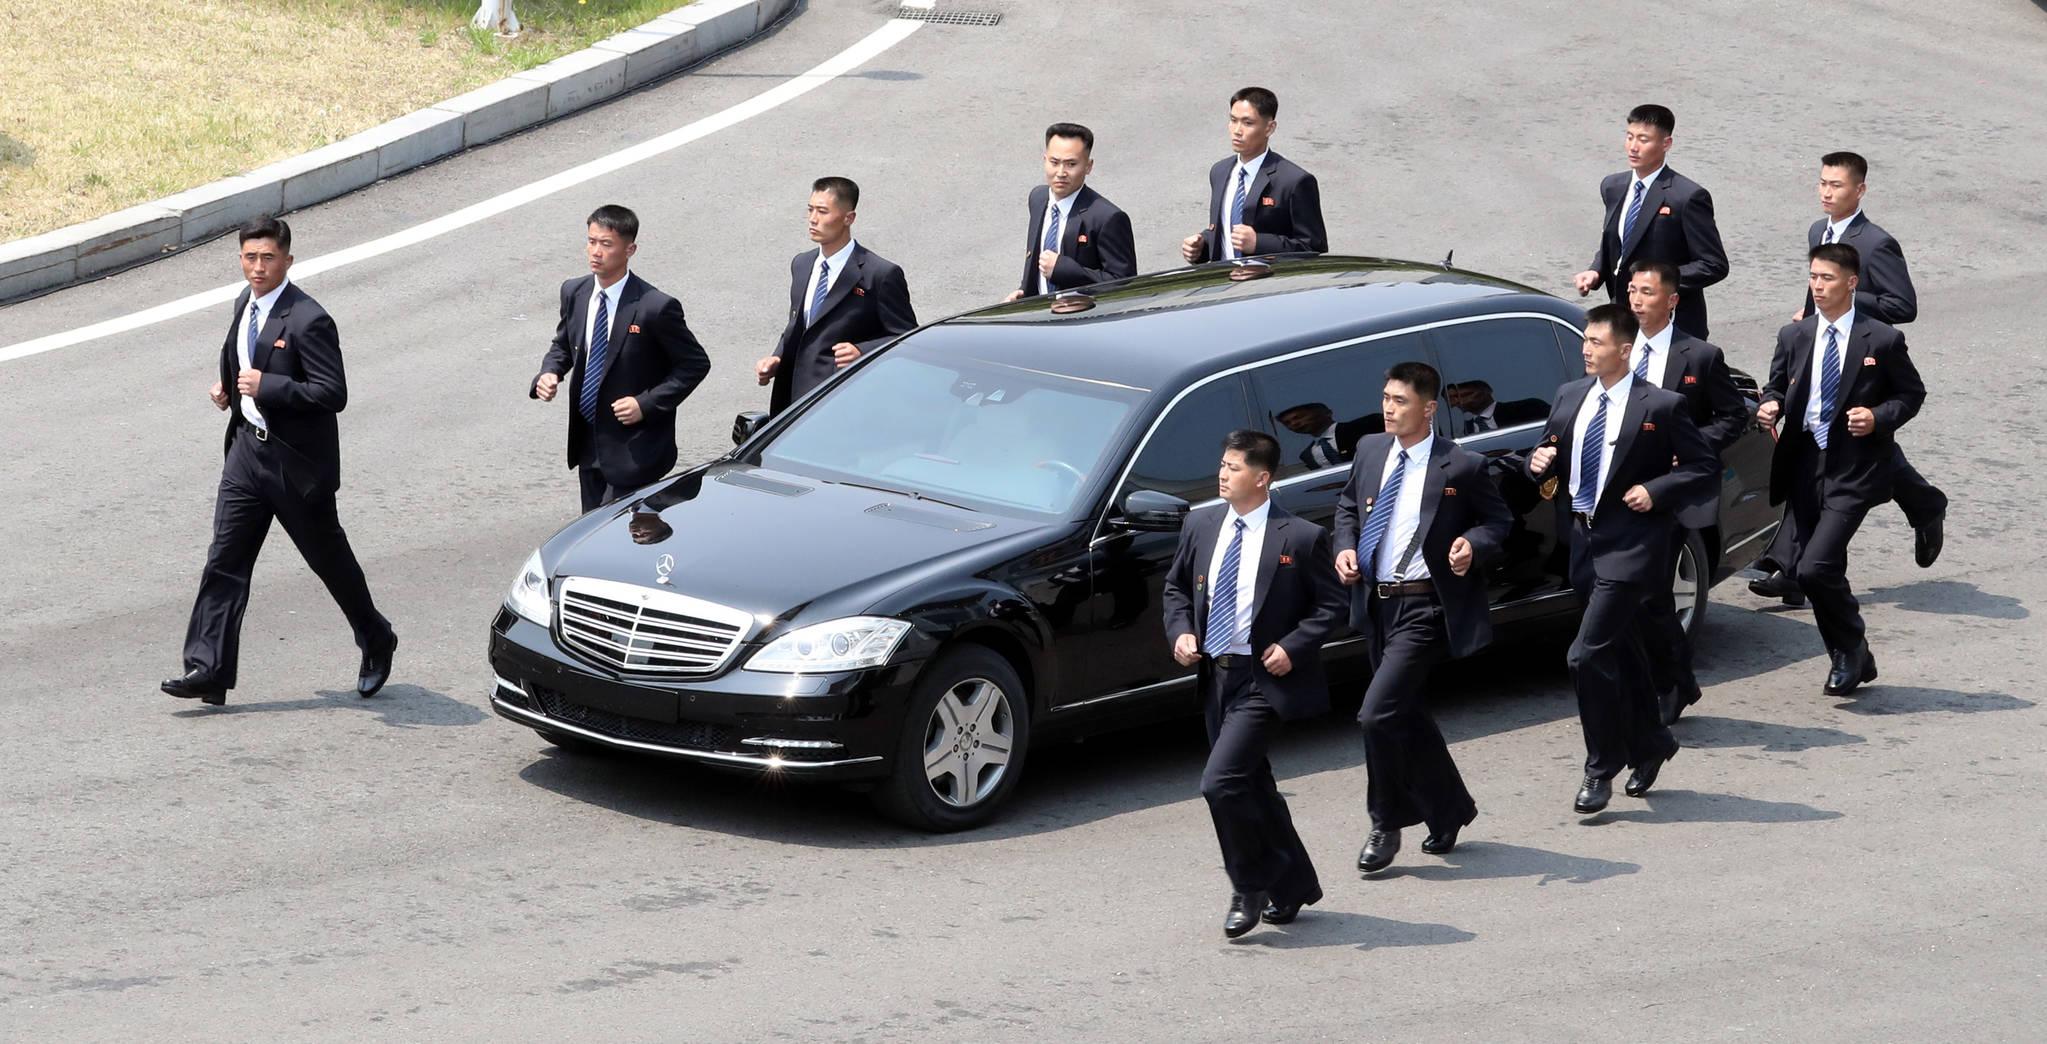 27일 오후 김정은 북한 국무위원장이 오찬을 위해 탑승한 차량이 경호원들의 호위를 받으며 판문점 평화의집에서 북으로 향하고 있다. 2018.04.27.